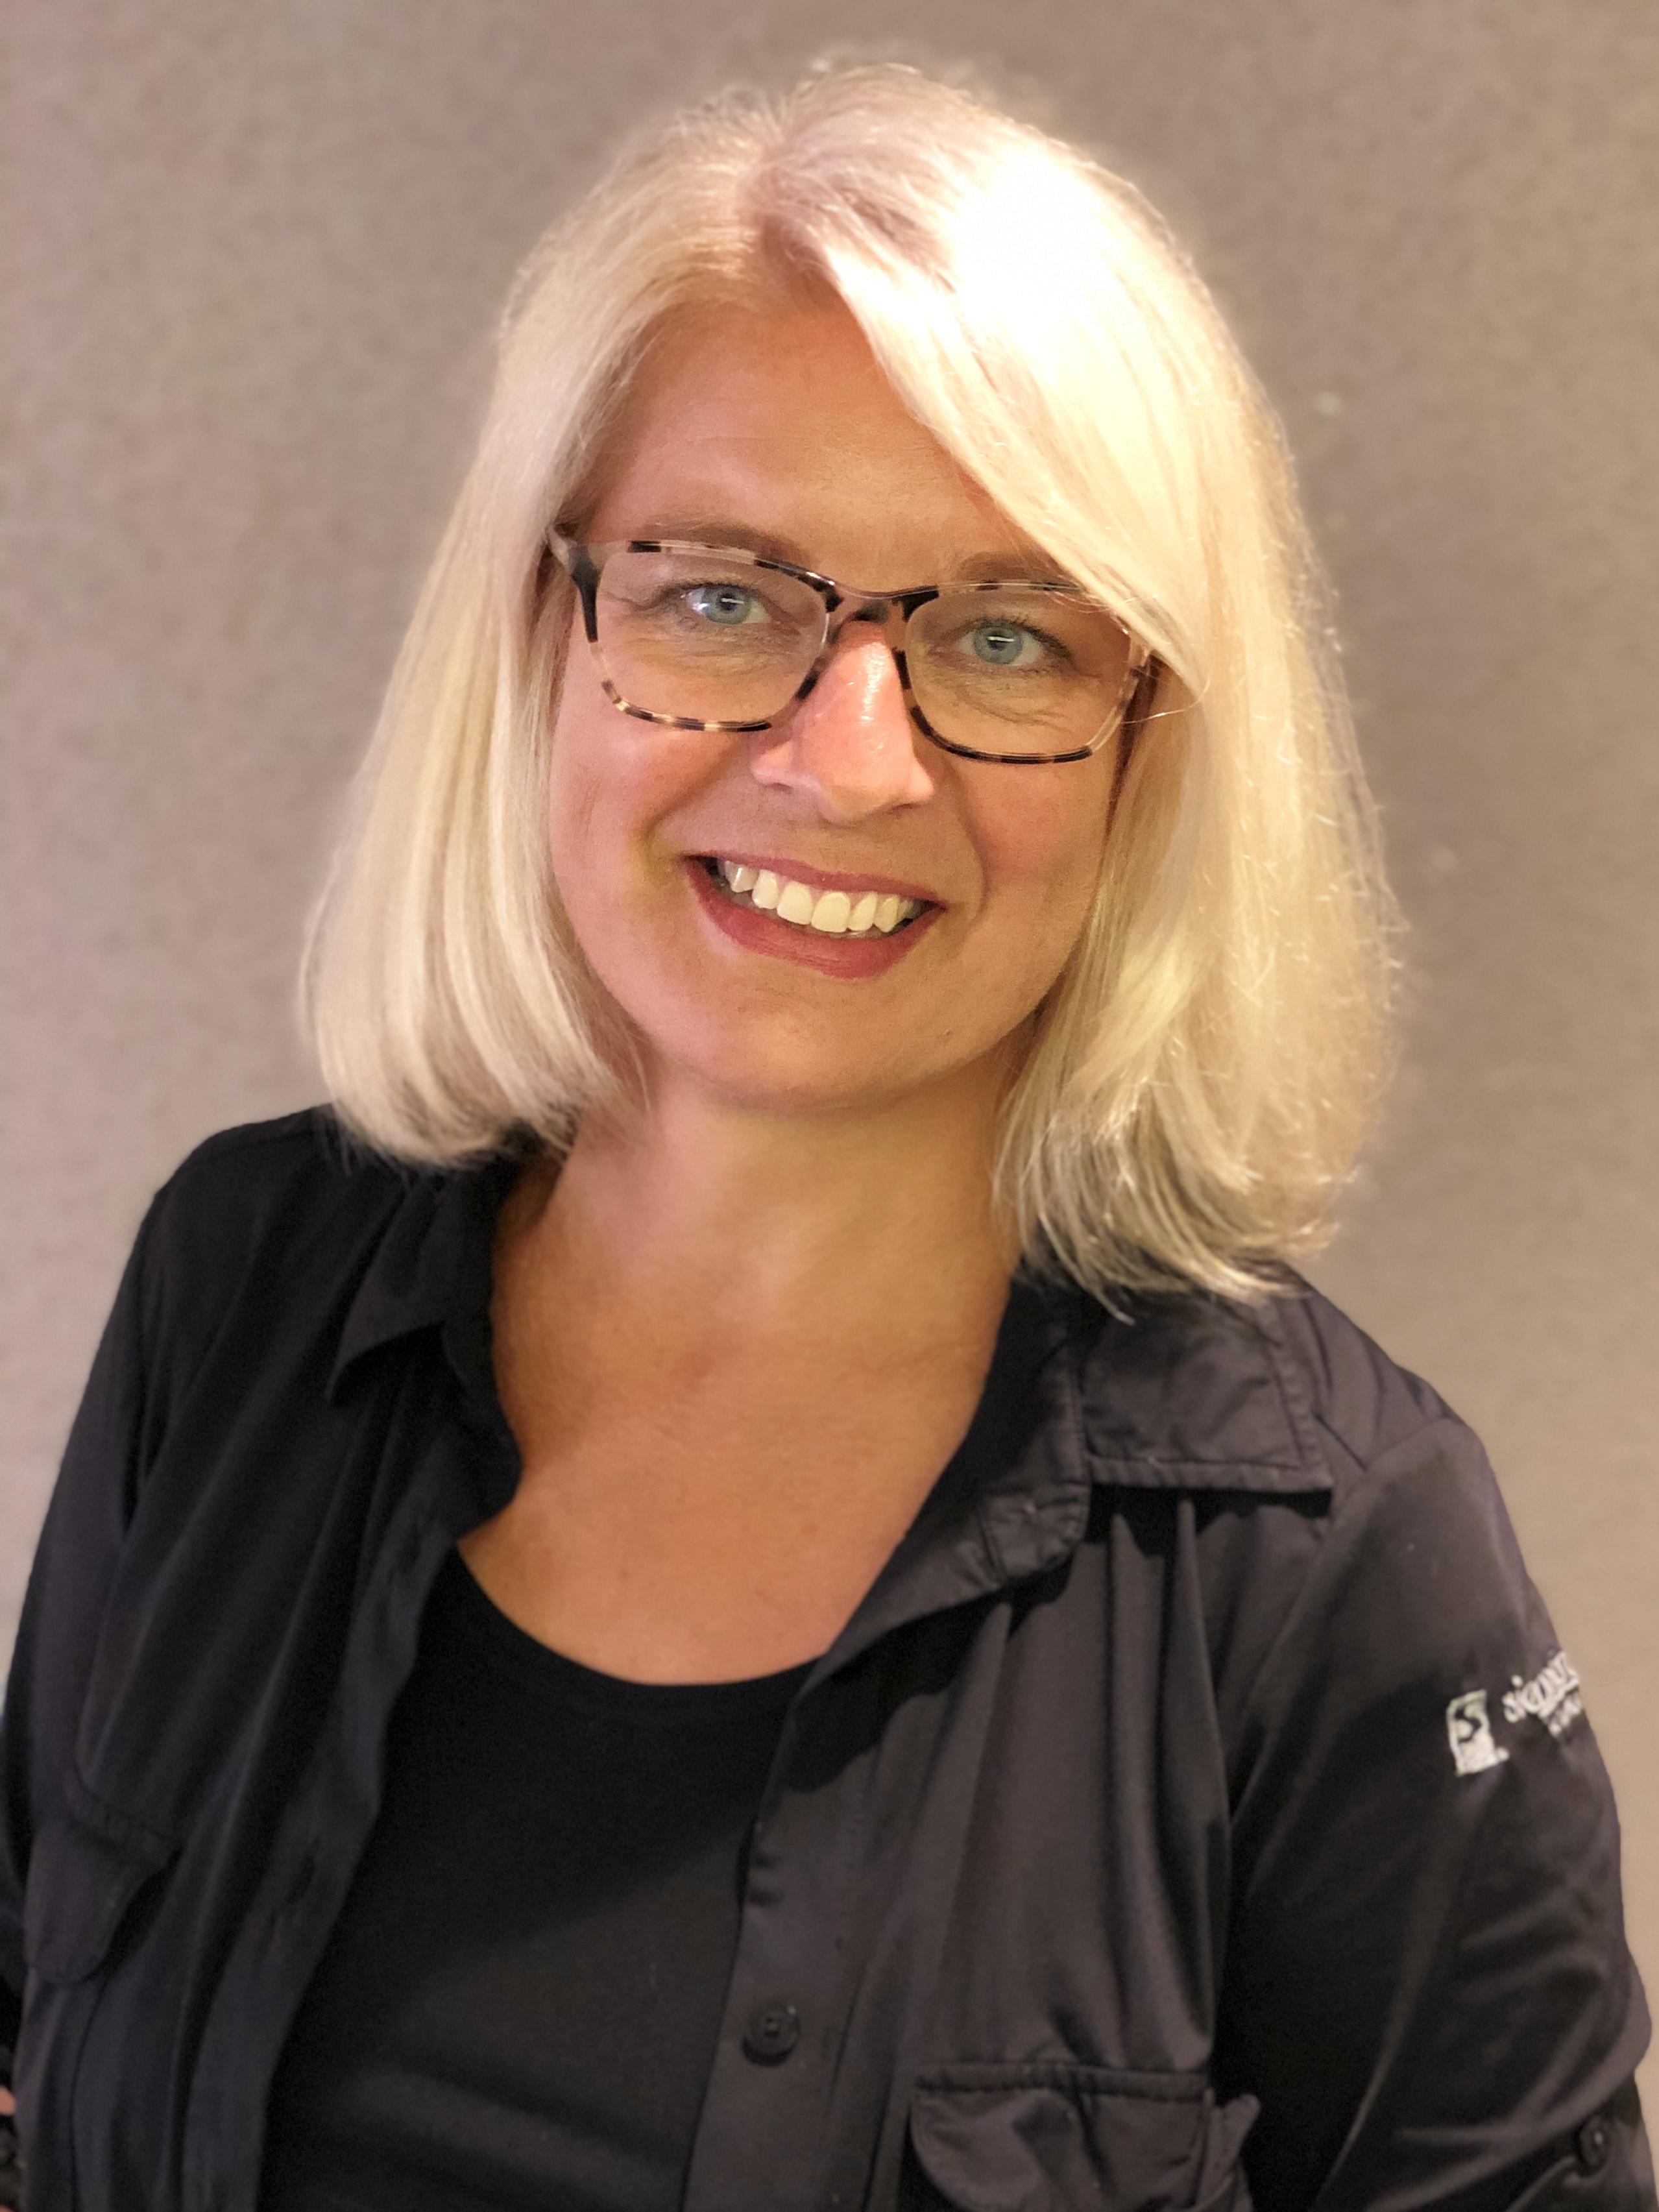 Miranda - Kapper bij Siep Offenga De Kapper Leeuwarden